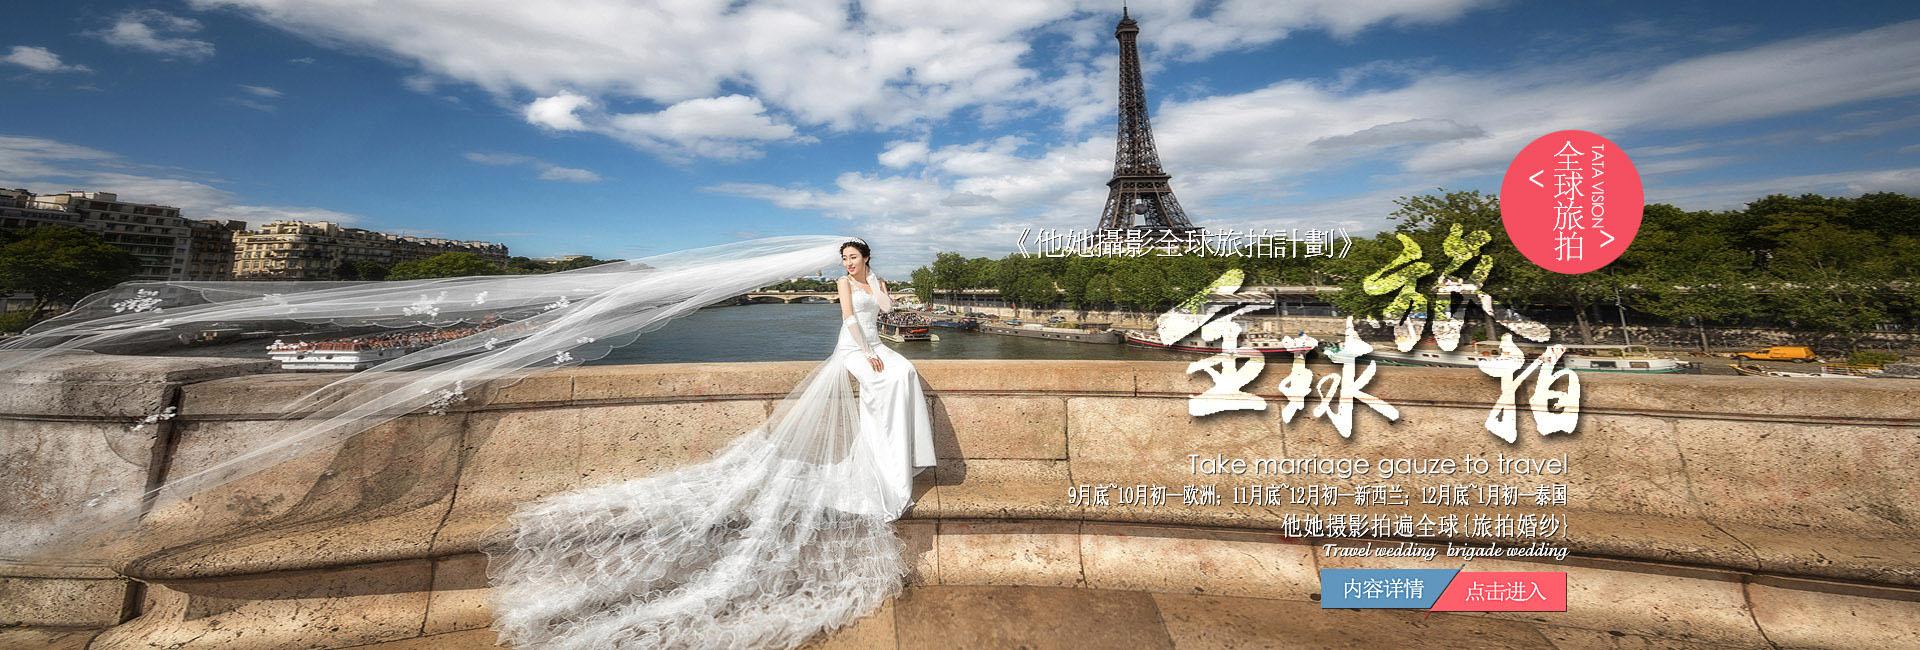 旅拍婚纱照,海外婚纱照,他她摄影,成都婚纱摄影,最好的婚纱摄影机构